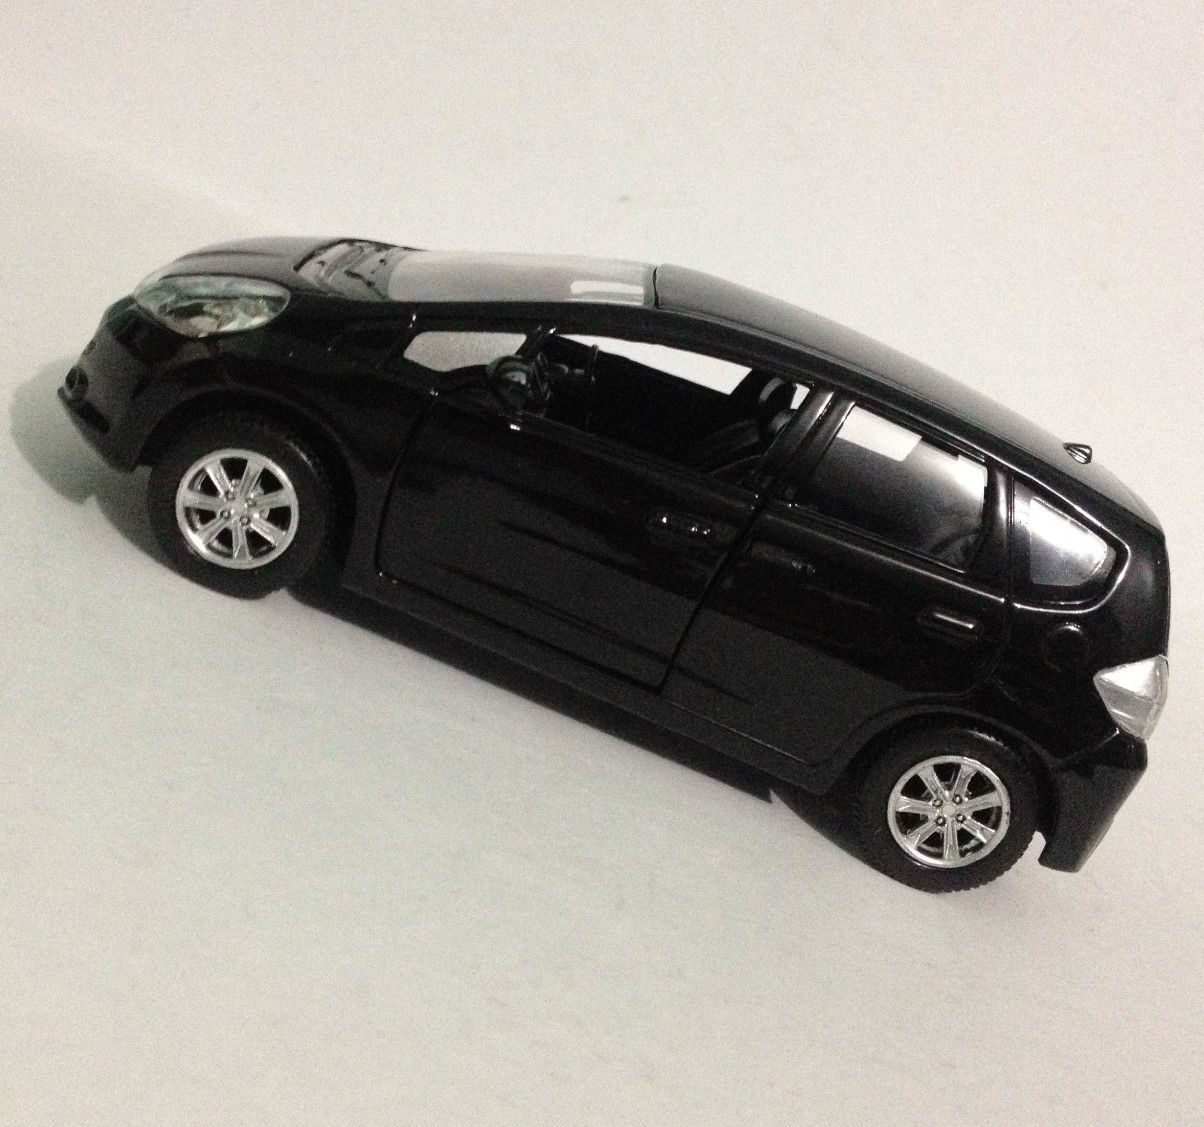 Honda Fit Preto - Escala 1:32